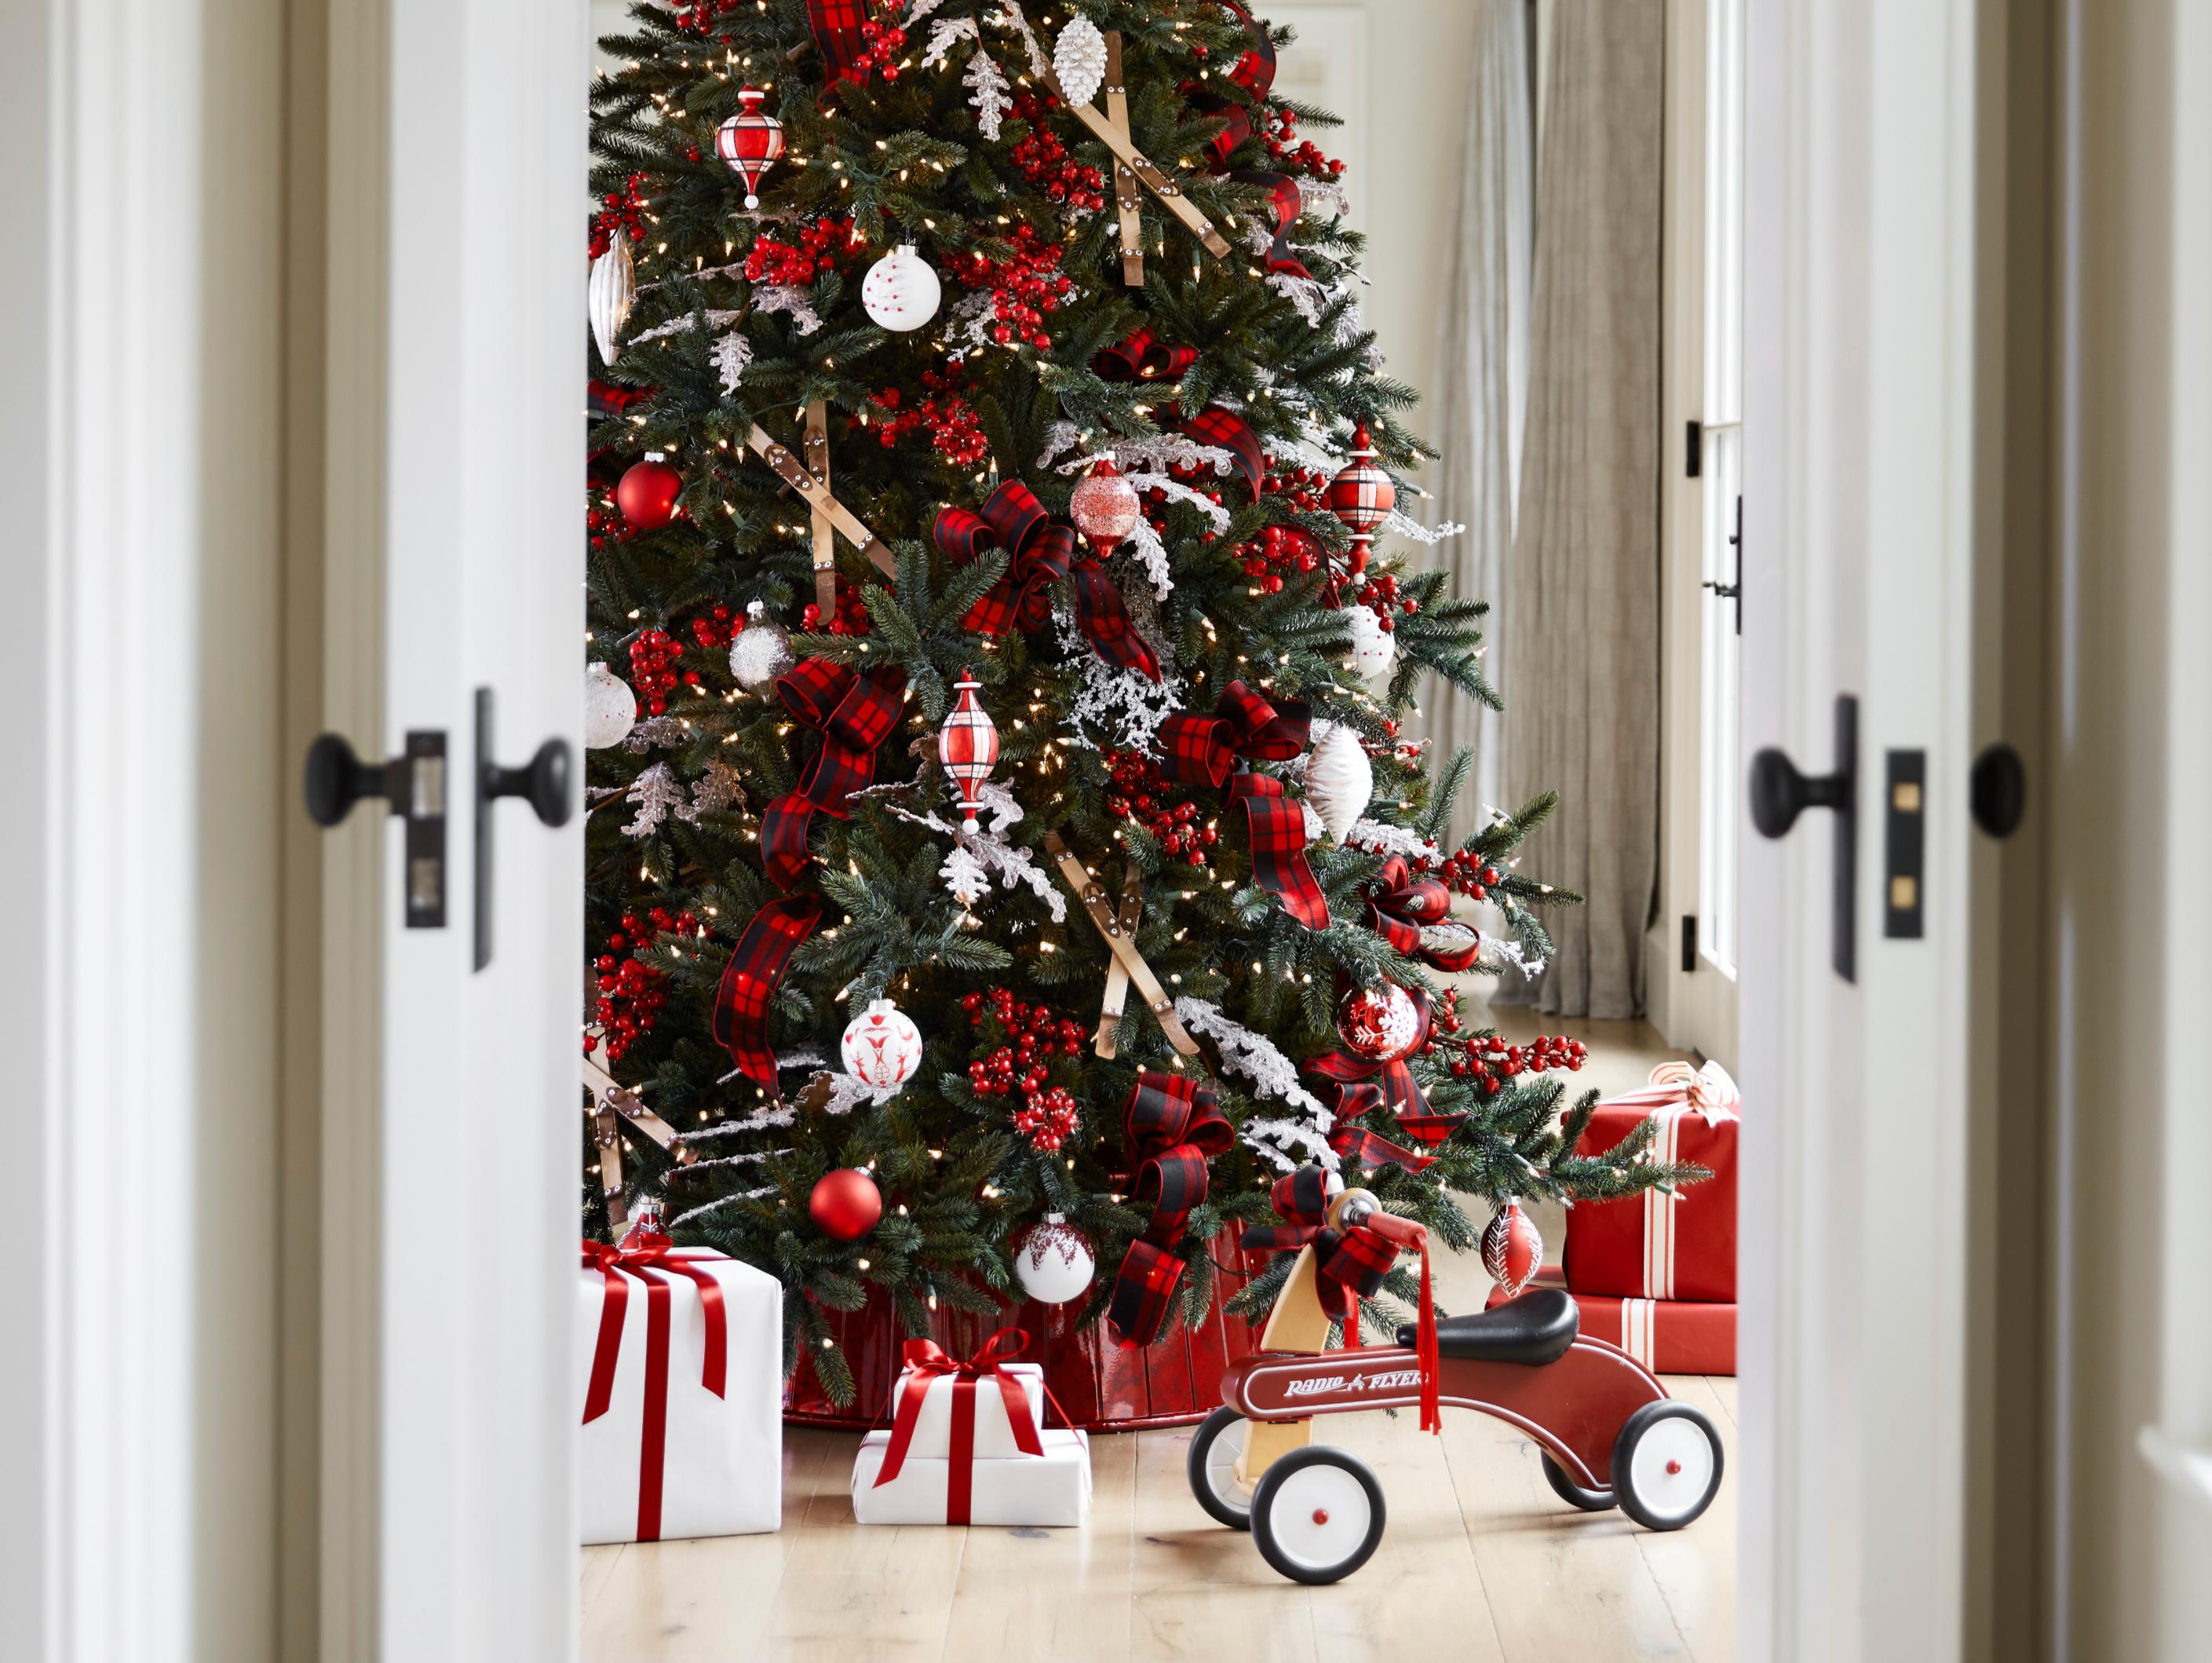 Interieur Ideeen Voor Kerst.Kerst Interieur Ideeen 30 Prachtige Kerstinterieurs